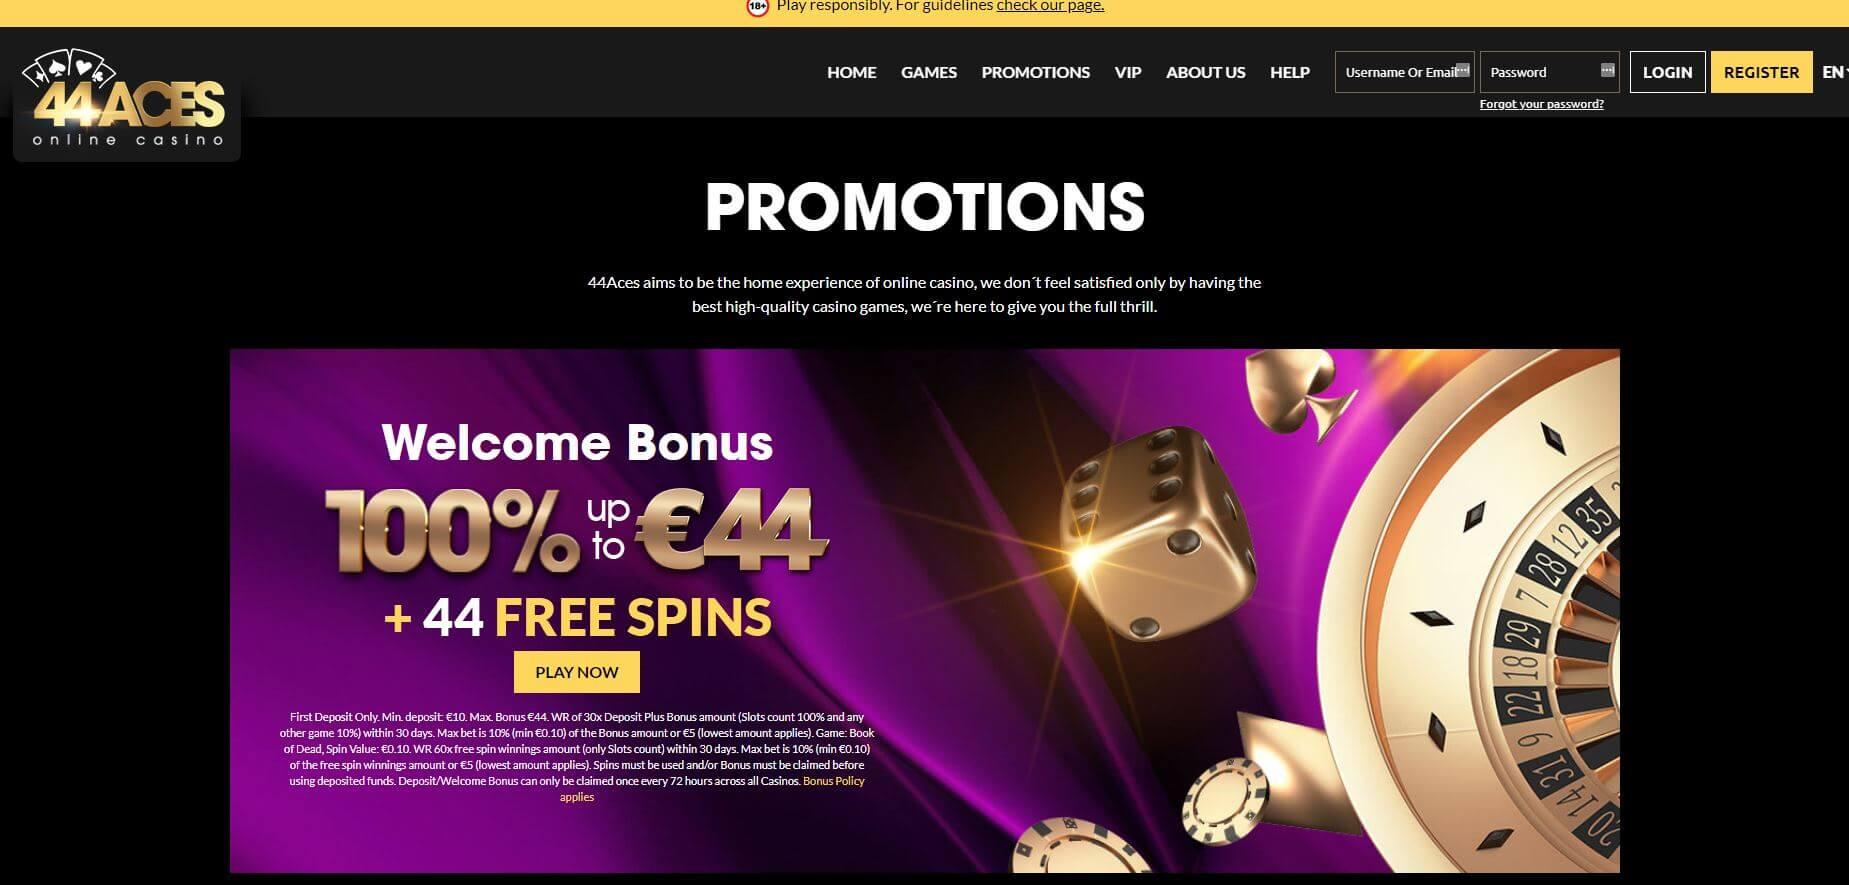 44Aces Casino Welcome Bonus